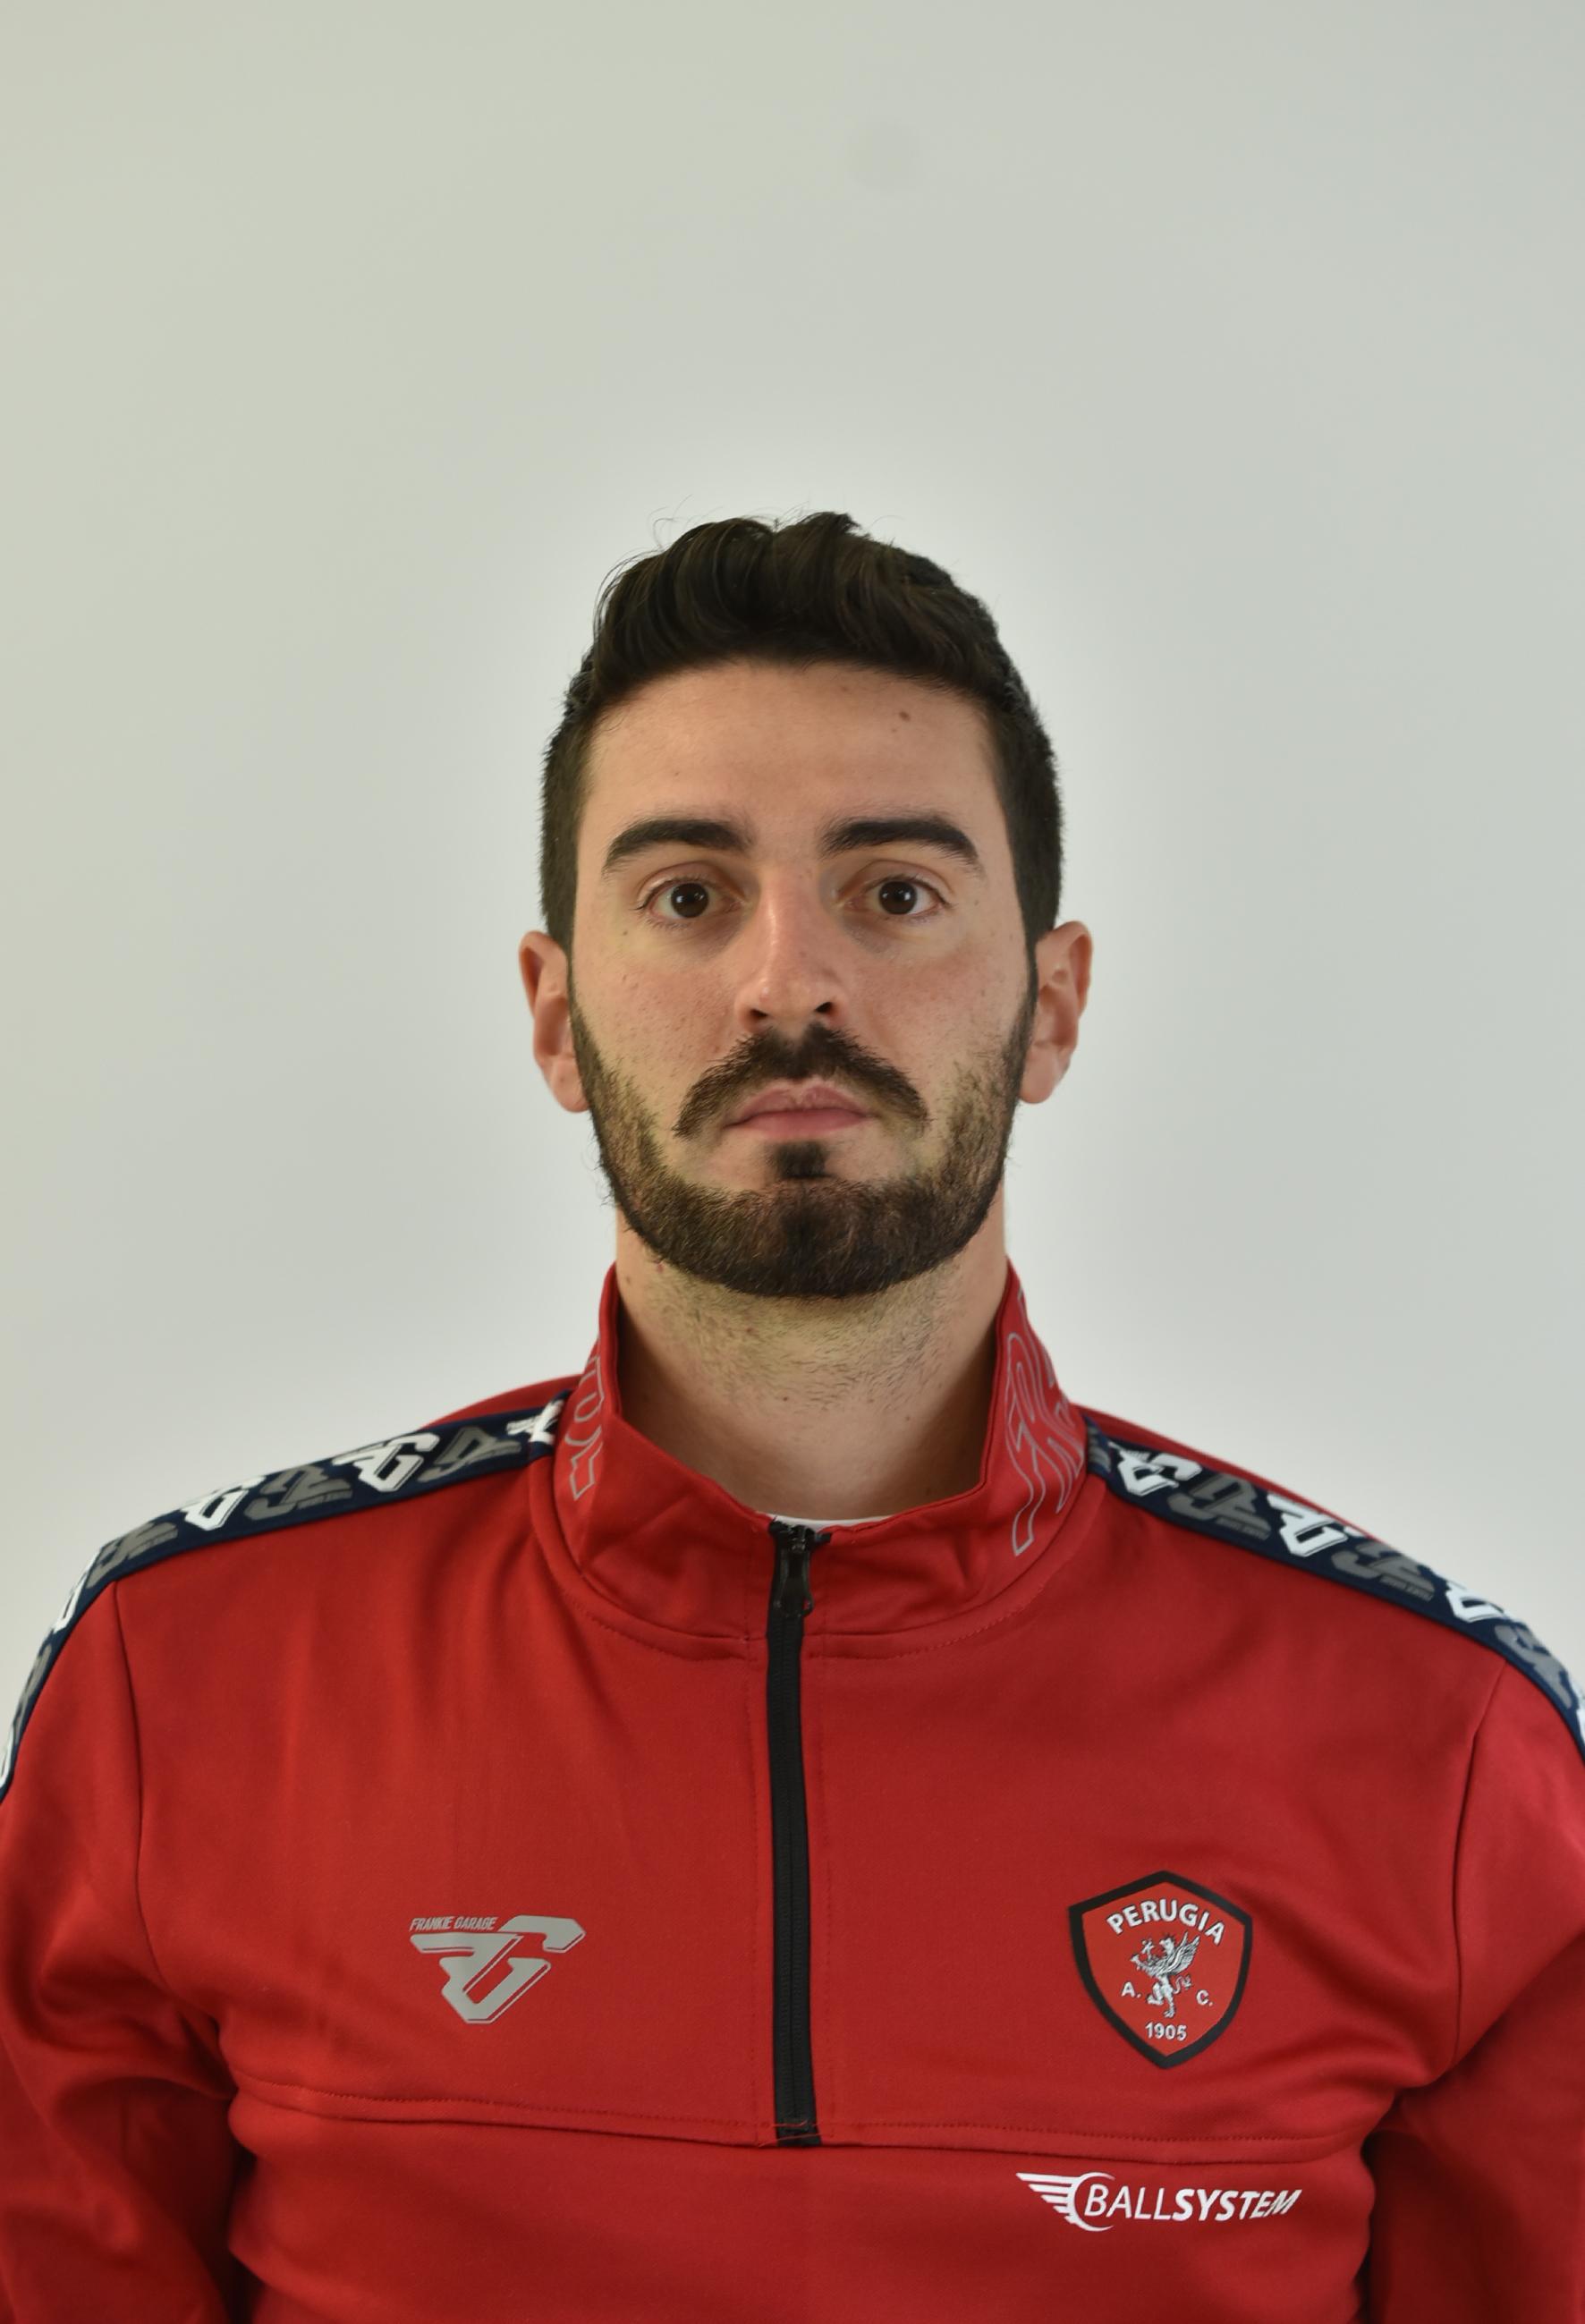 VALENTINO FRONDUTI- A.C. Perugia Calcio